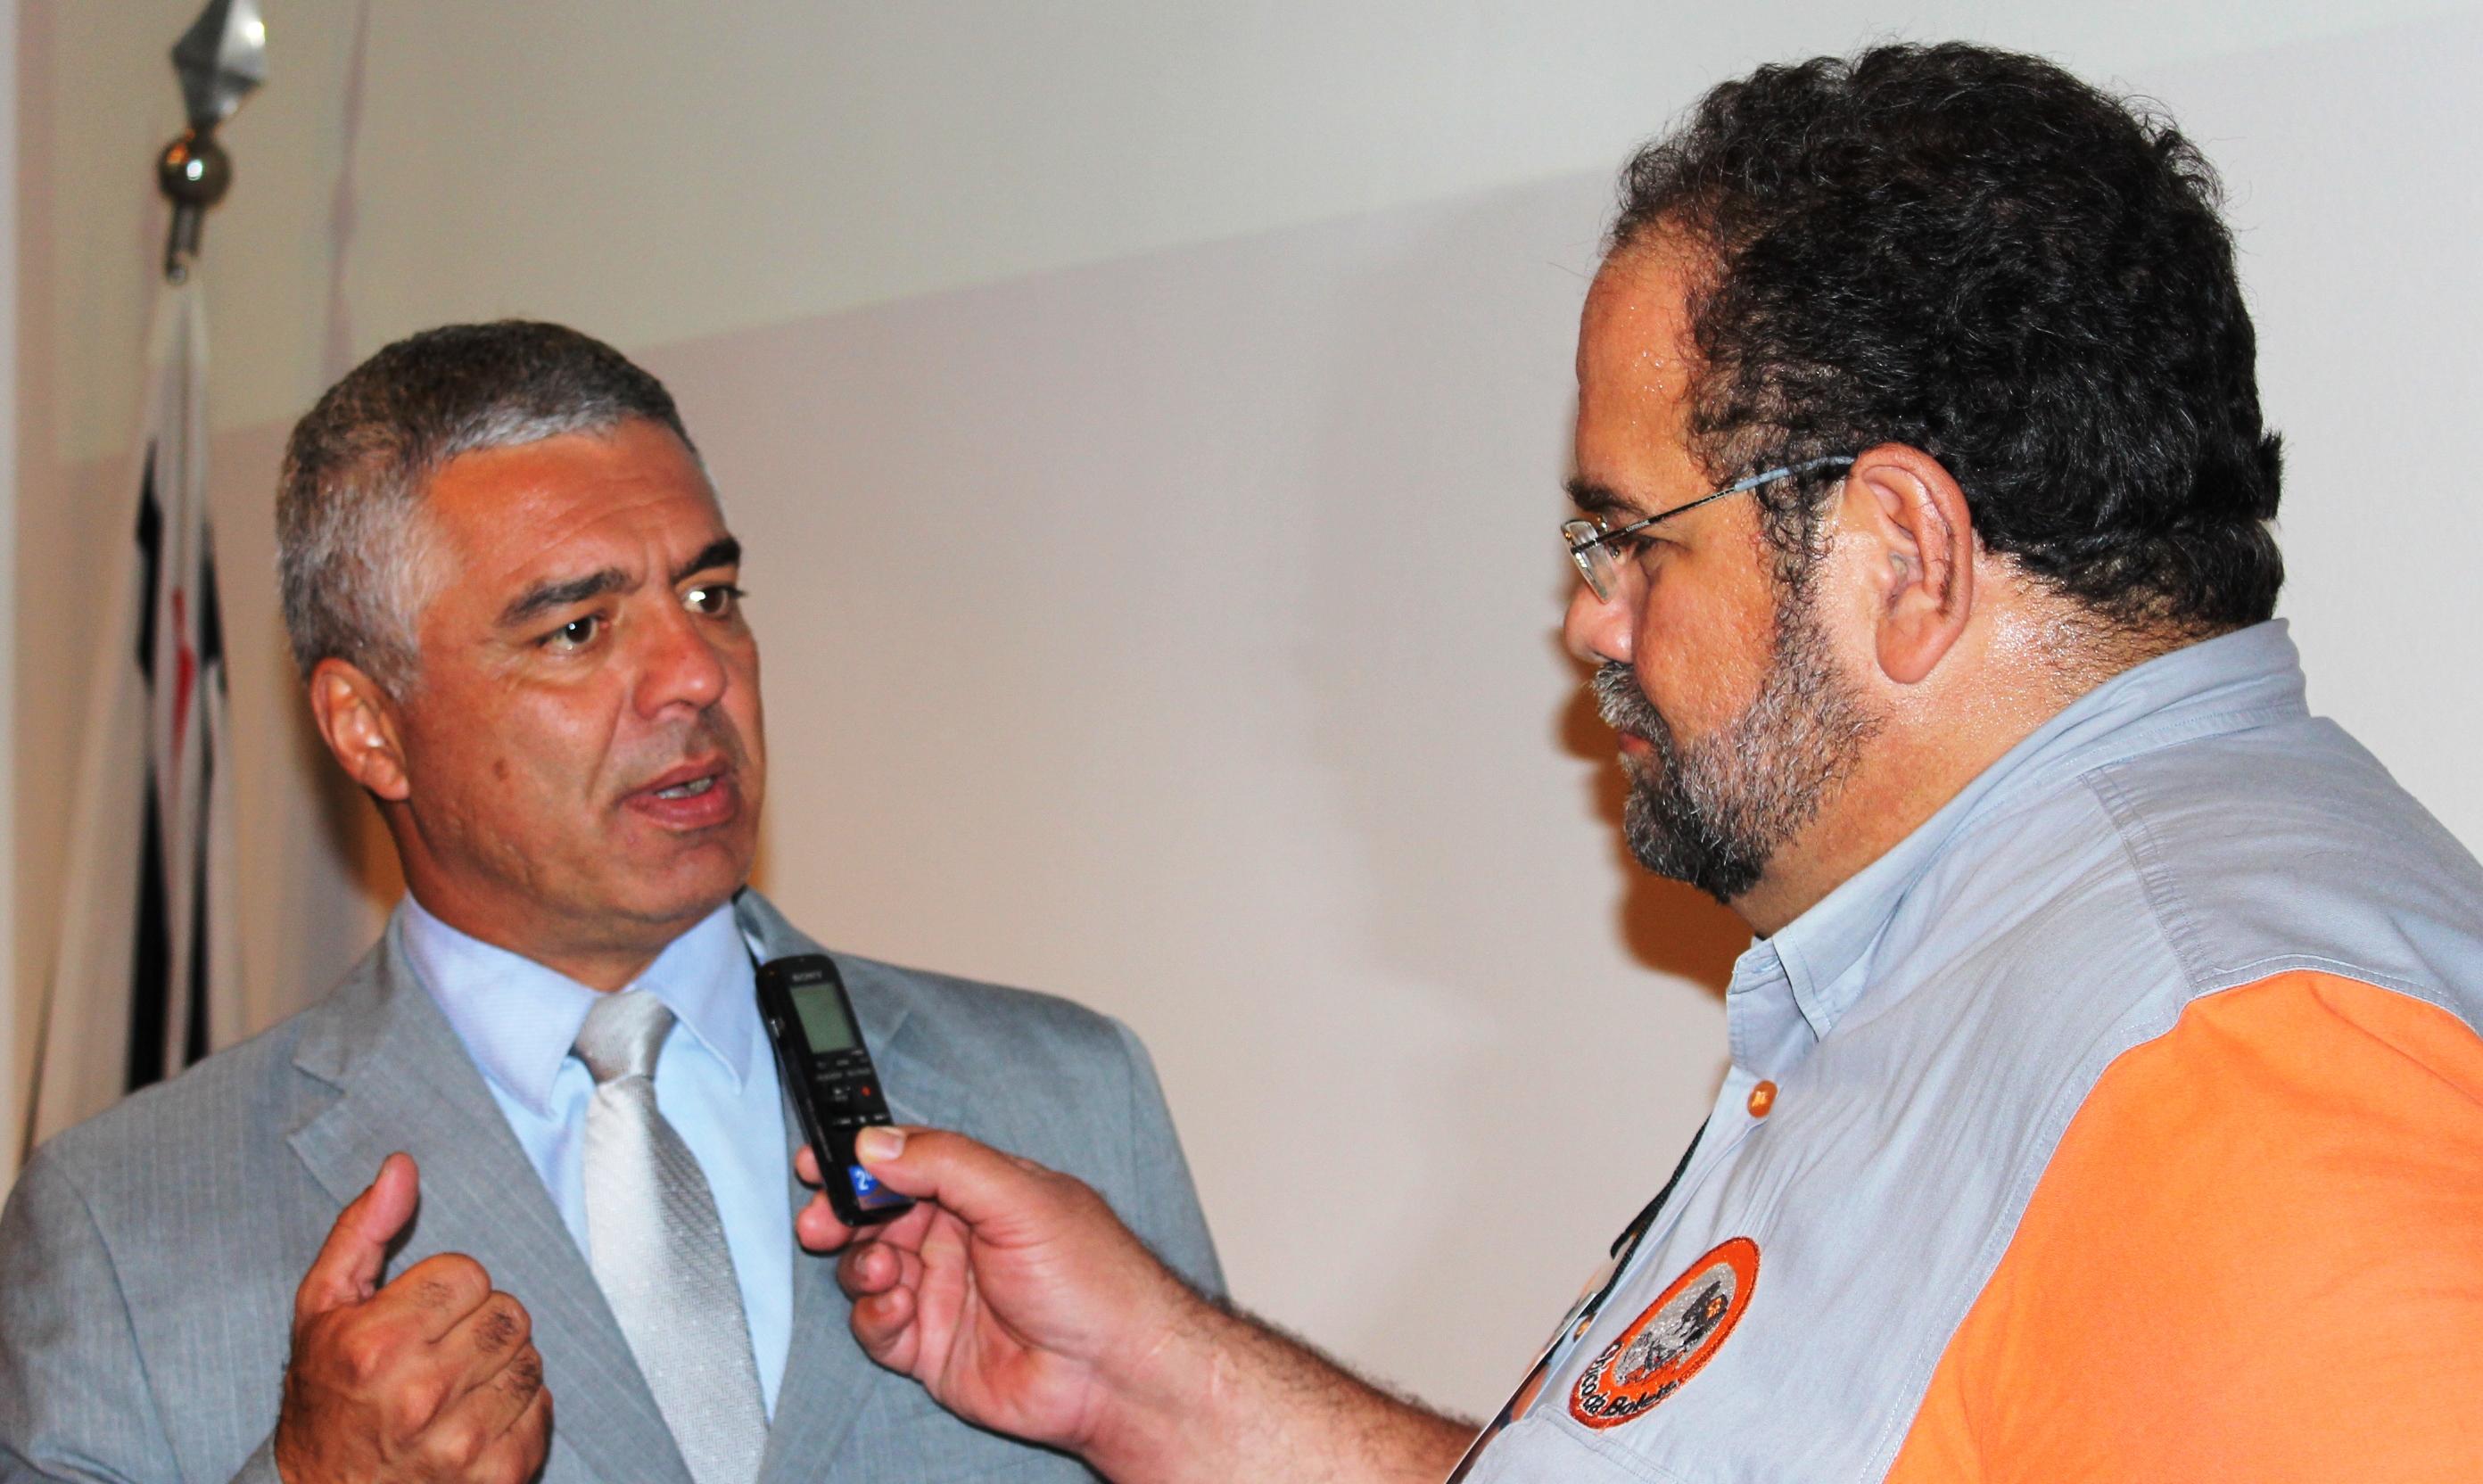 Deputado Estadual Major Olímpio, PDT/SP, no 2º Fórum Nacional das Associações, sendo entrevistado por Chico da Boleia.